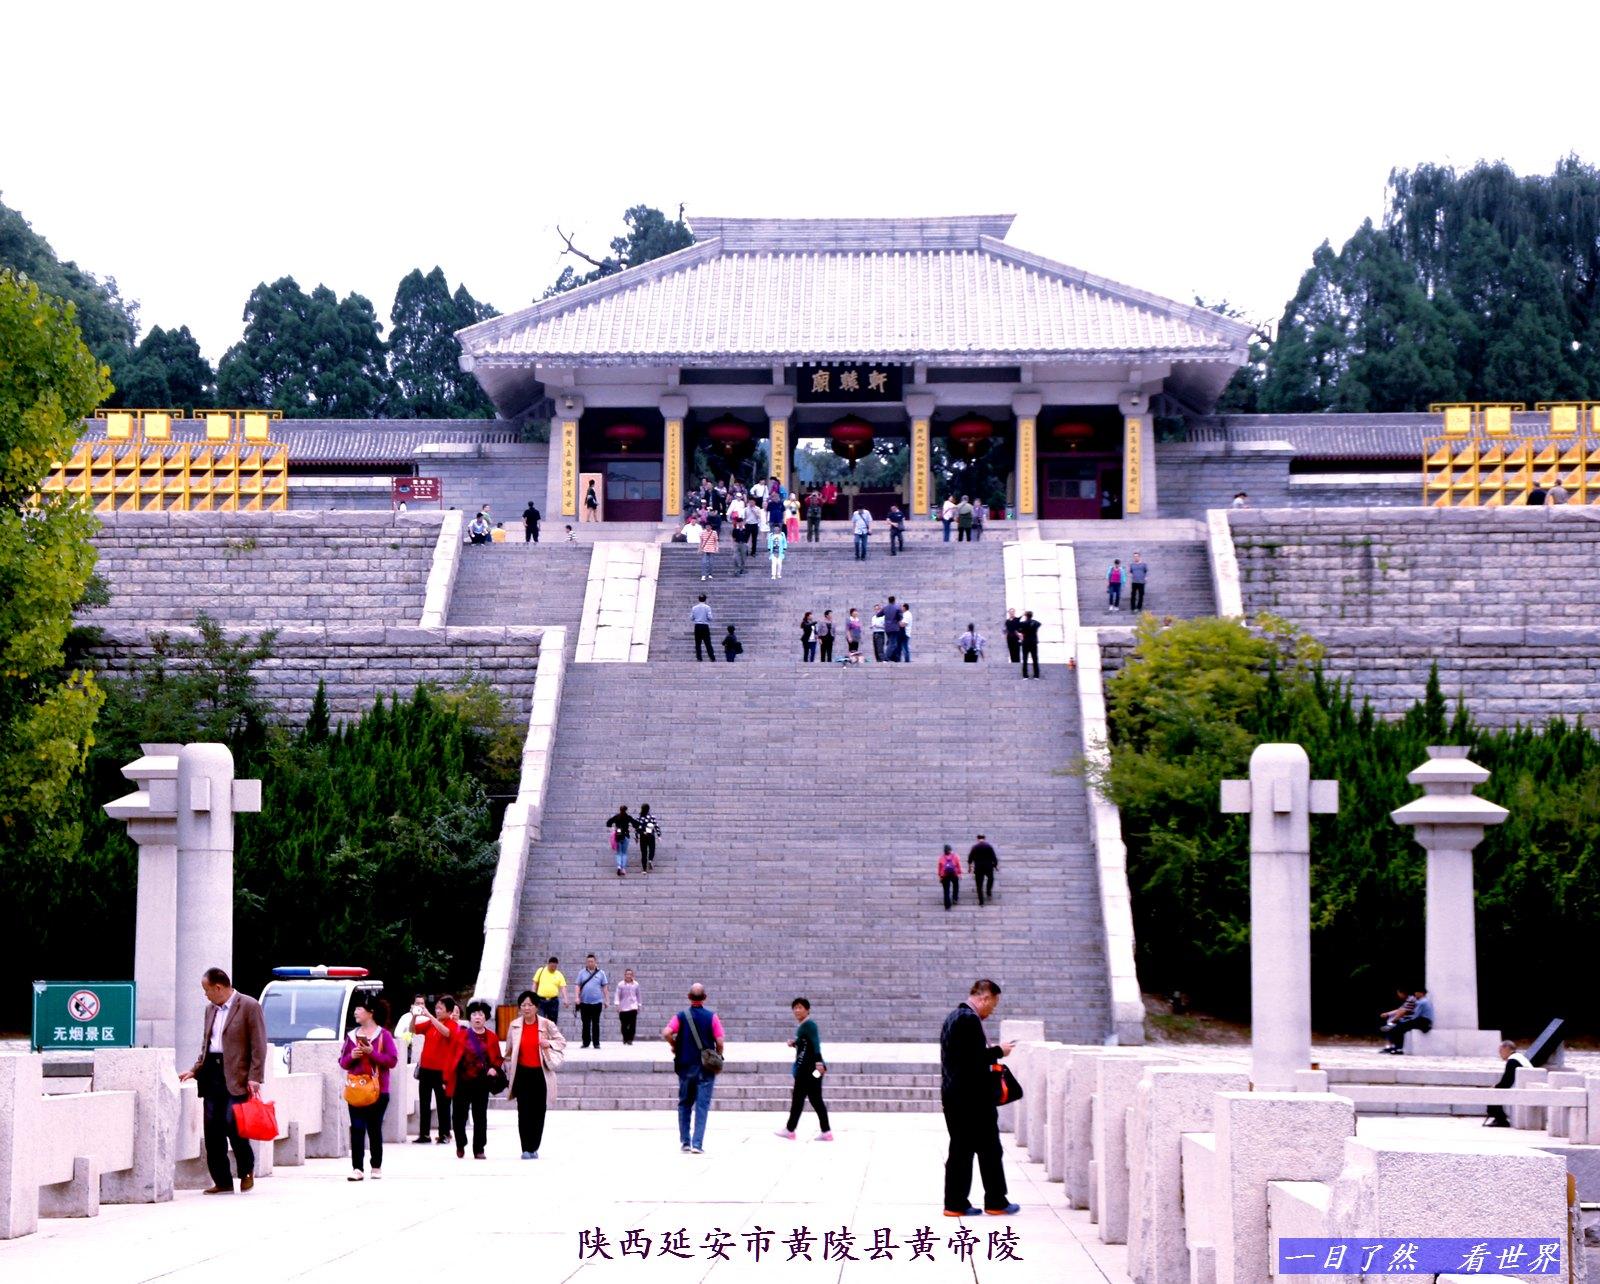 黄帝陵-26-1600.jpg